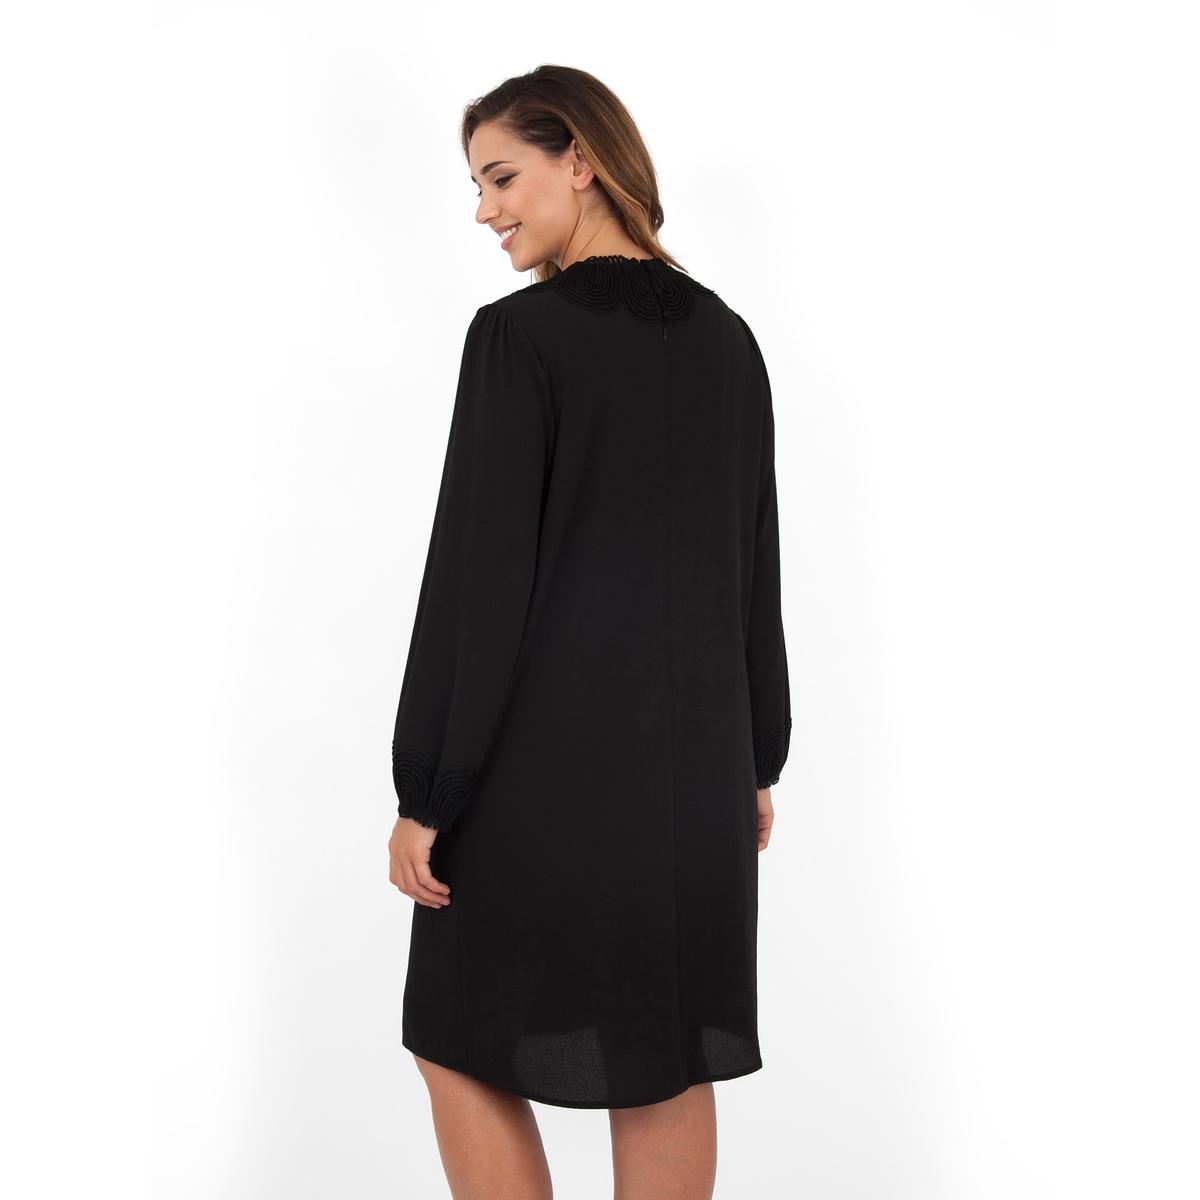 ПлатьеПлатье с длинными рукавами - LOVEDROBE. Отделка выреза и манжет изящным  кружевом. Длина ок.104 см. 100% полиэстера.<br><br>Цвет: черный<br>Размер: 44 (FR) - 50 (RUS)